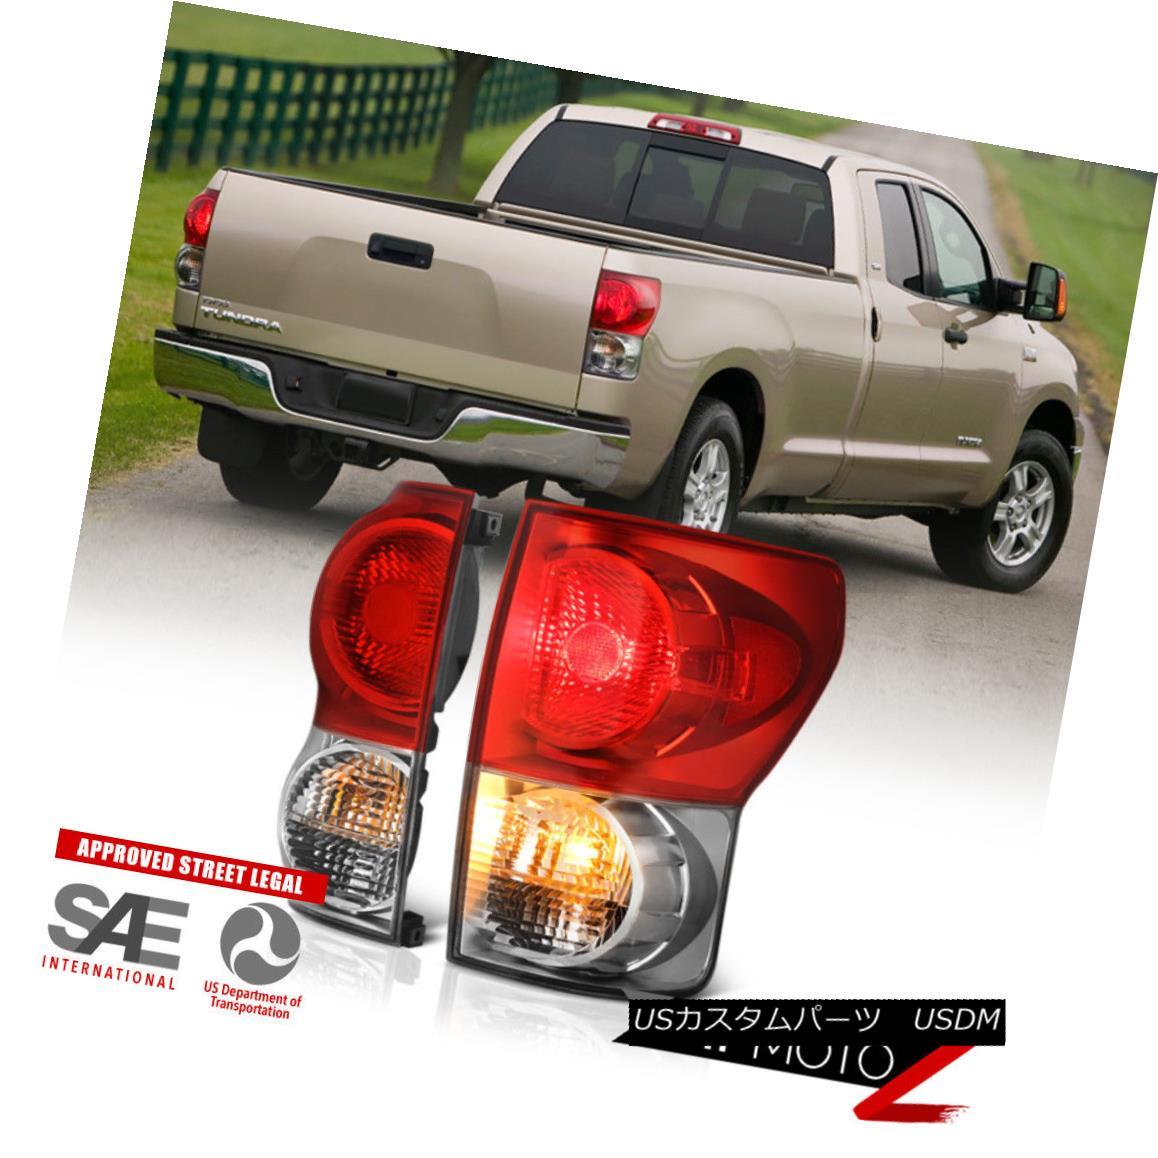 テールライト 07-13 Toyota Tundra [07-09 Orginal Factory Style]Brake Lamp Tail Light Assembly 07-13トヨタトンドラ[07-09オリジナルファクトリー]ブレーキランプテールライトアセンブリ